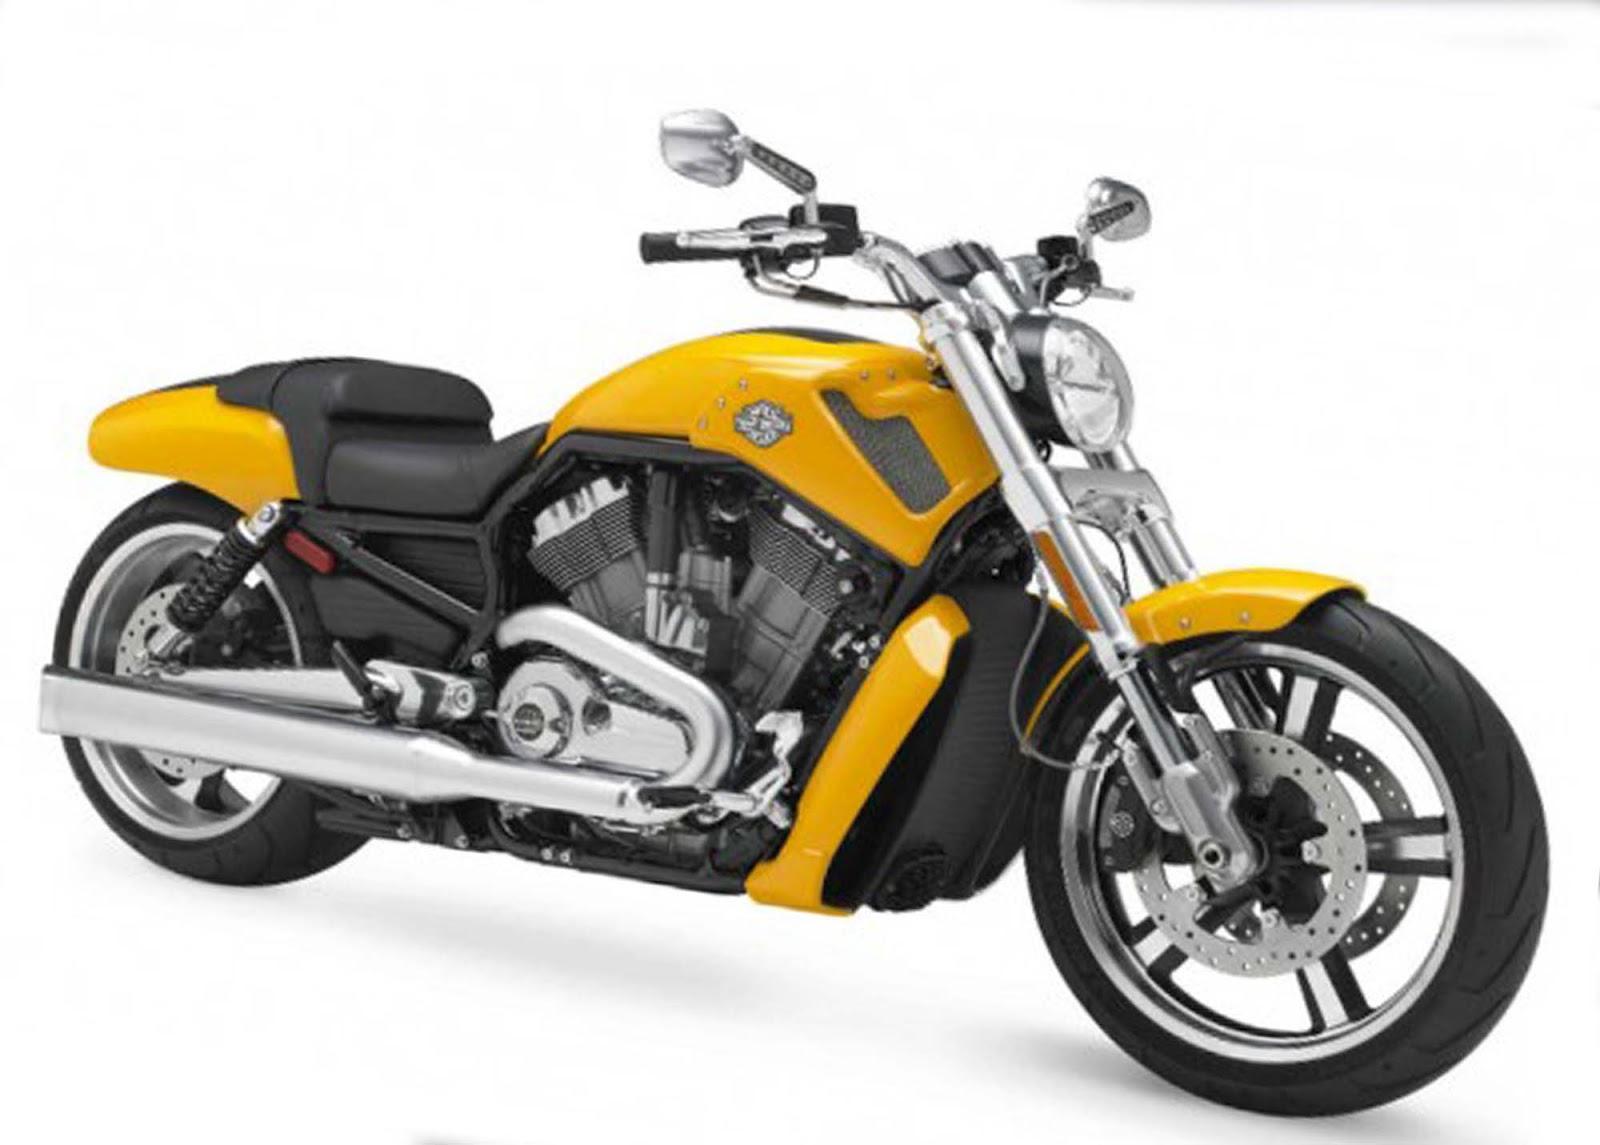 latest bikes 2013 harley davidson vrscf v rod 2013. Black Bedroom Furniture Sets. Home Design Ideas